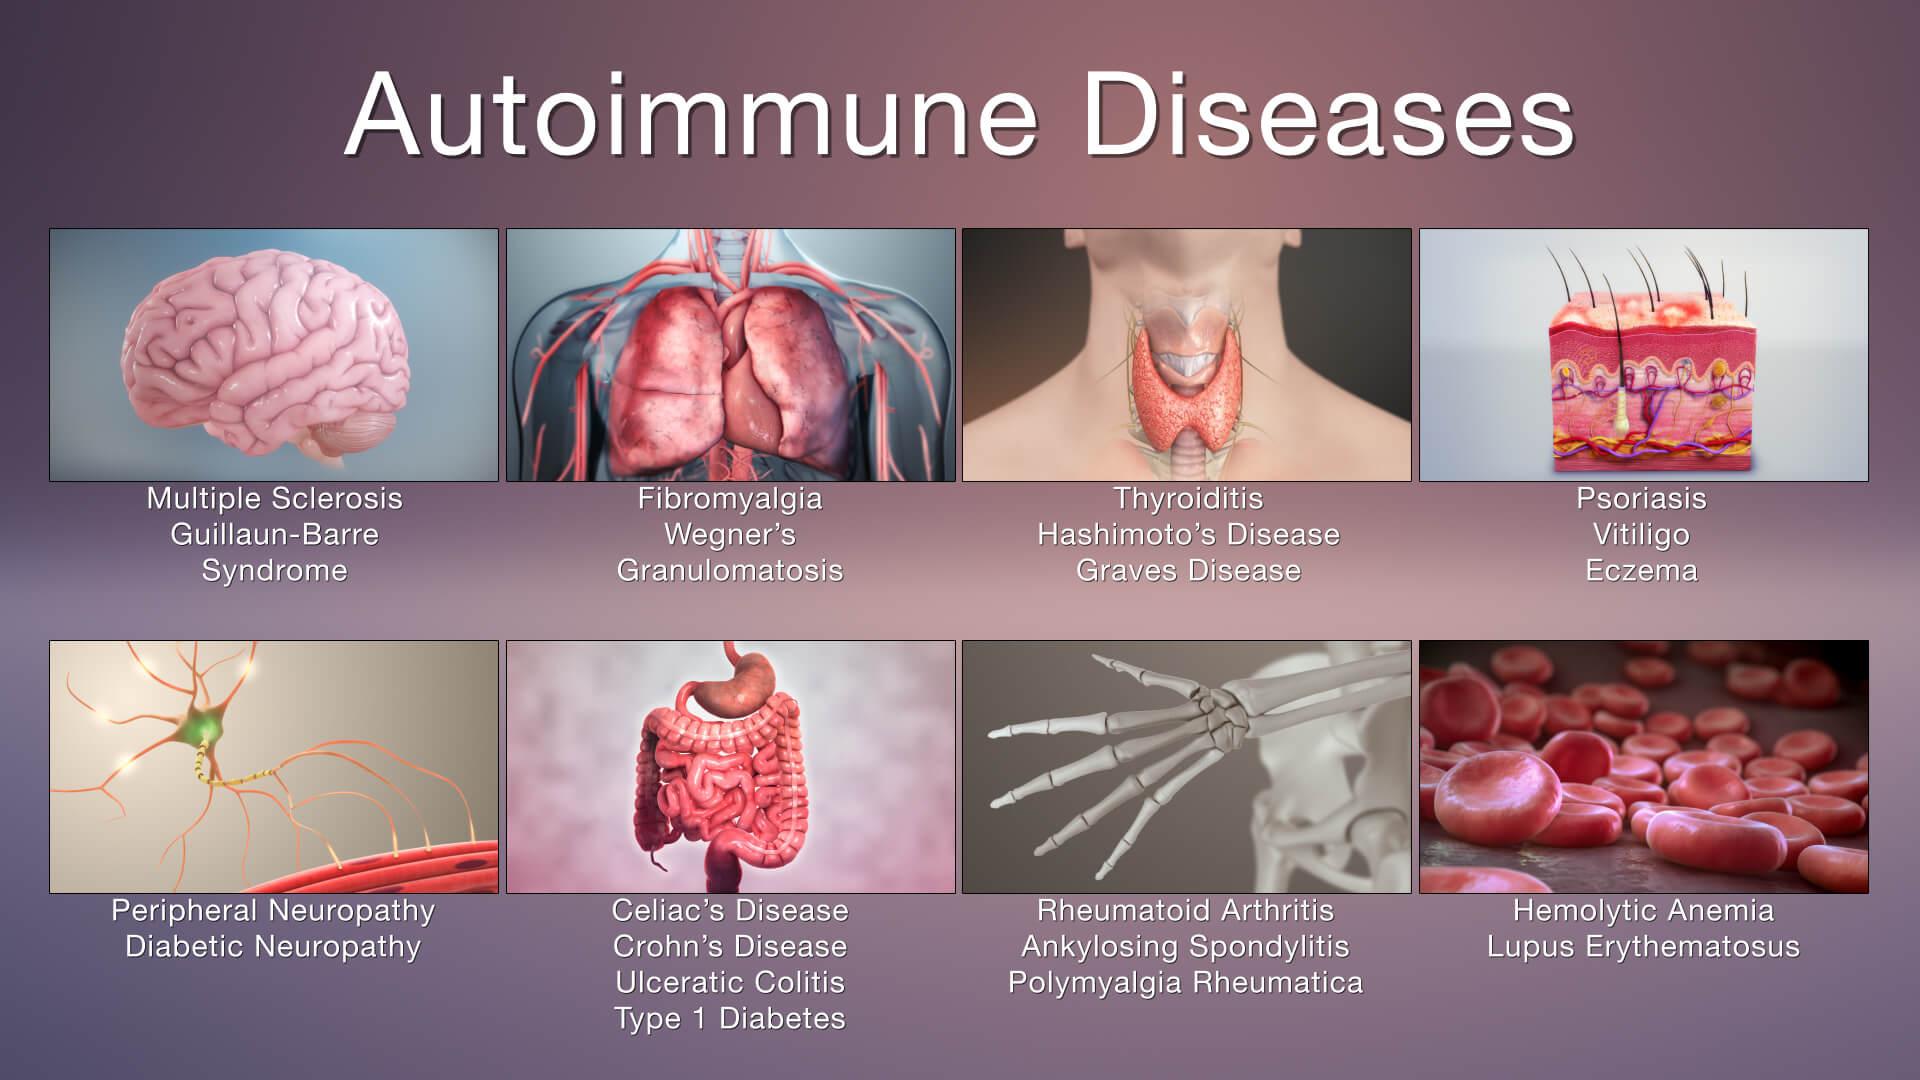 Types Of Autoimmune Diseases